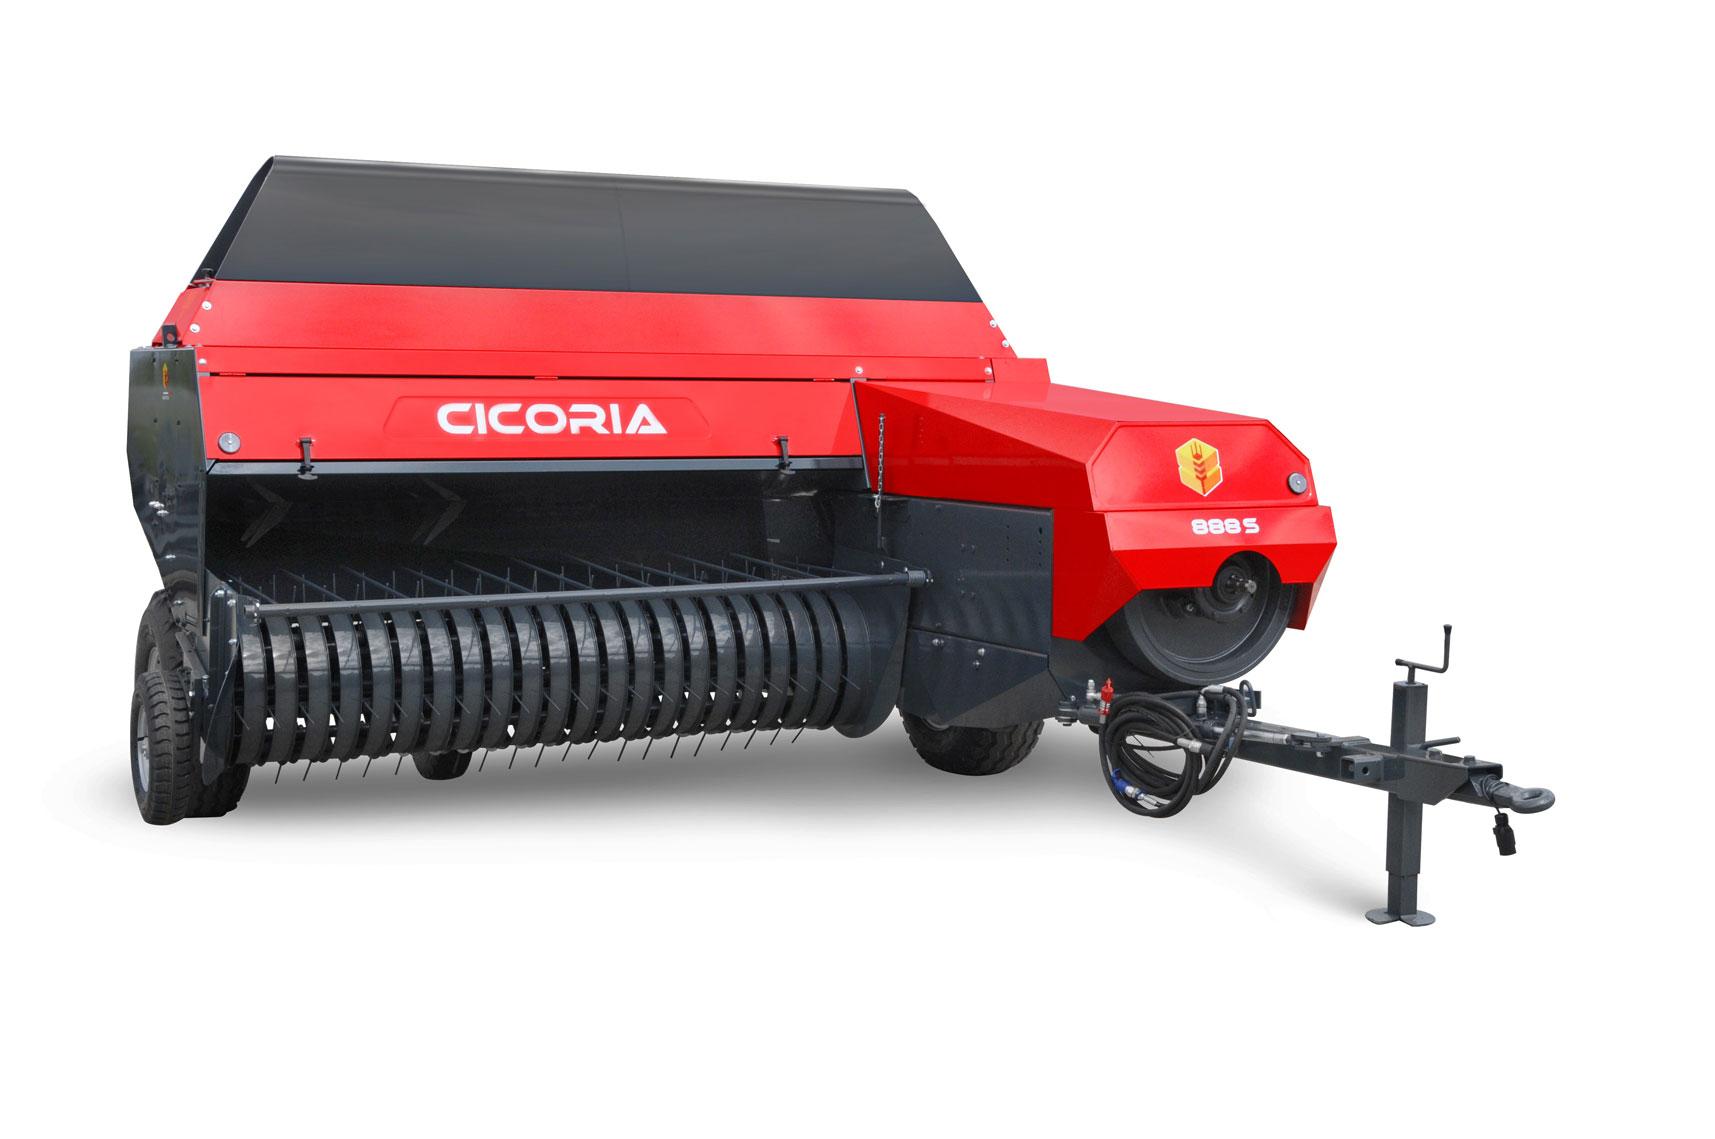 Cicoria 888 S